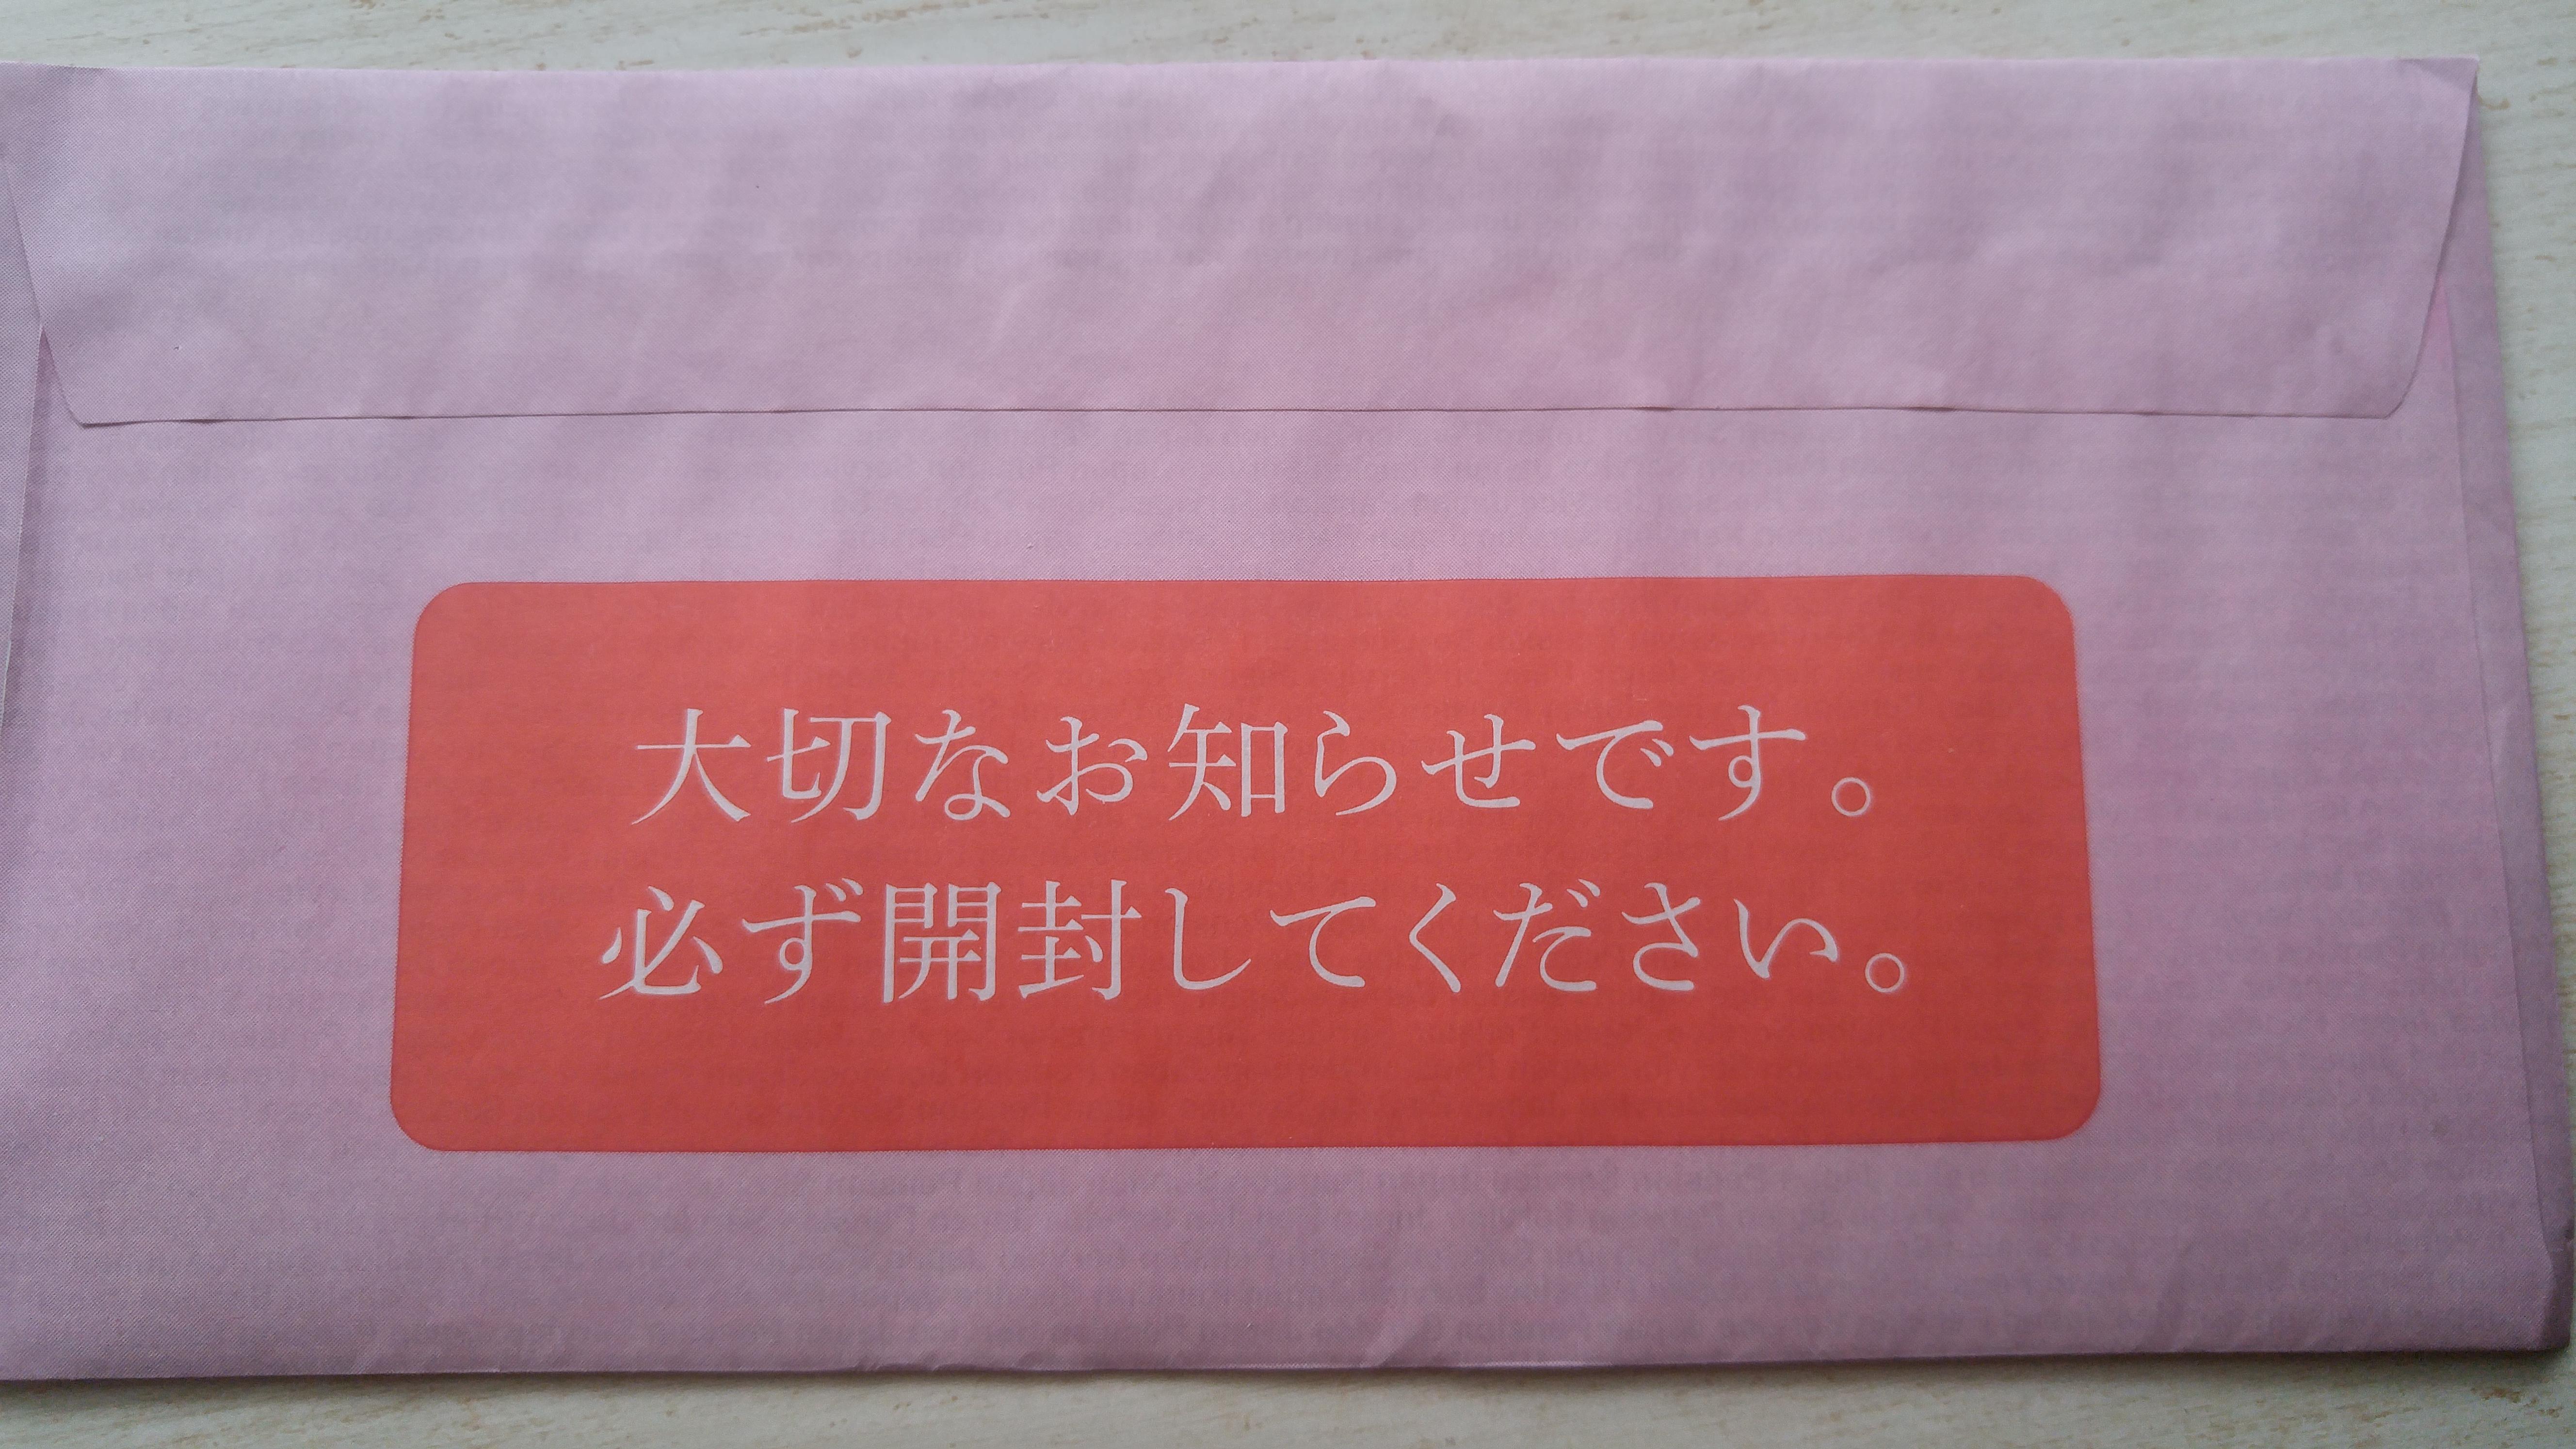 国民年金 赤い封筒